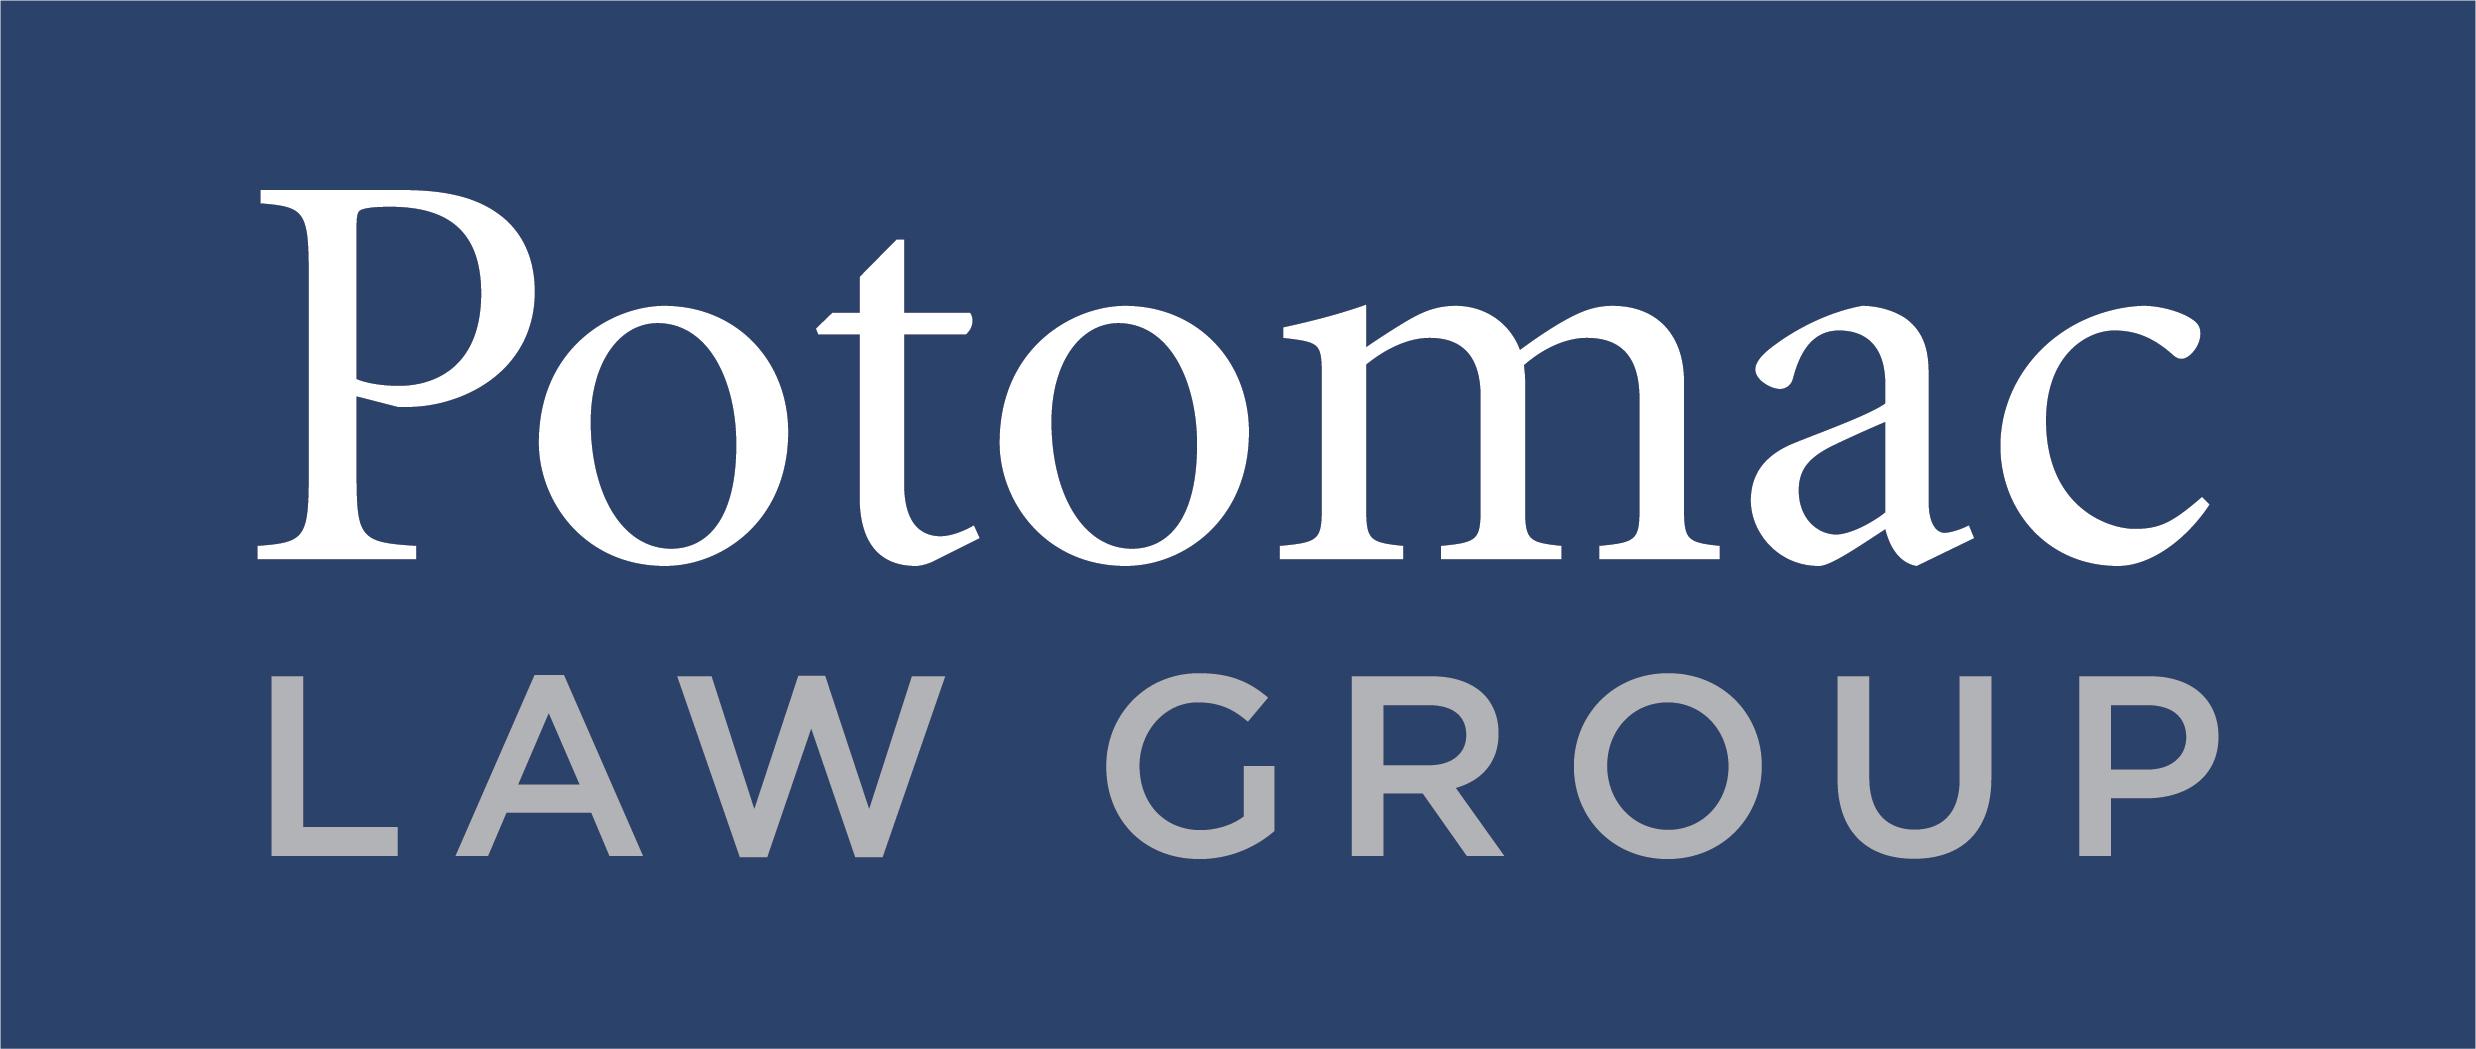 Potomac Law Group logo